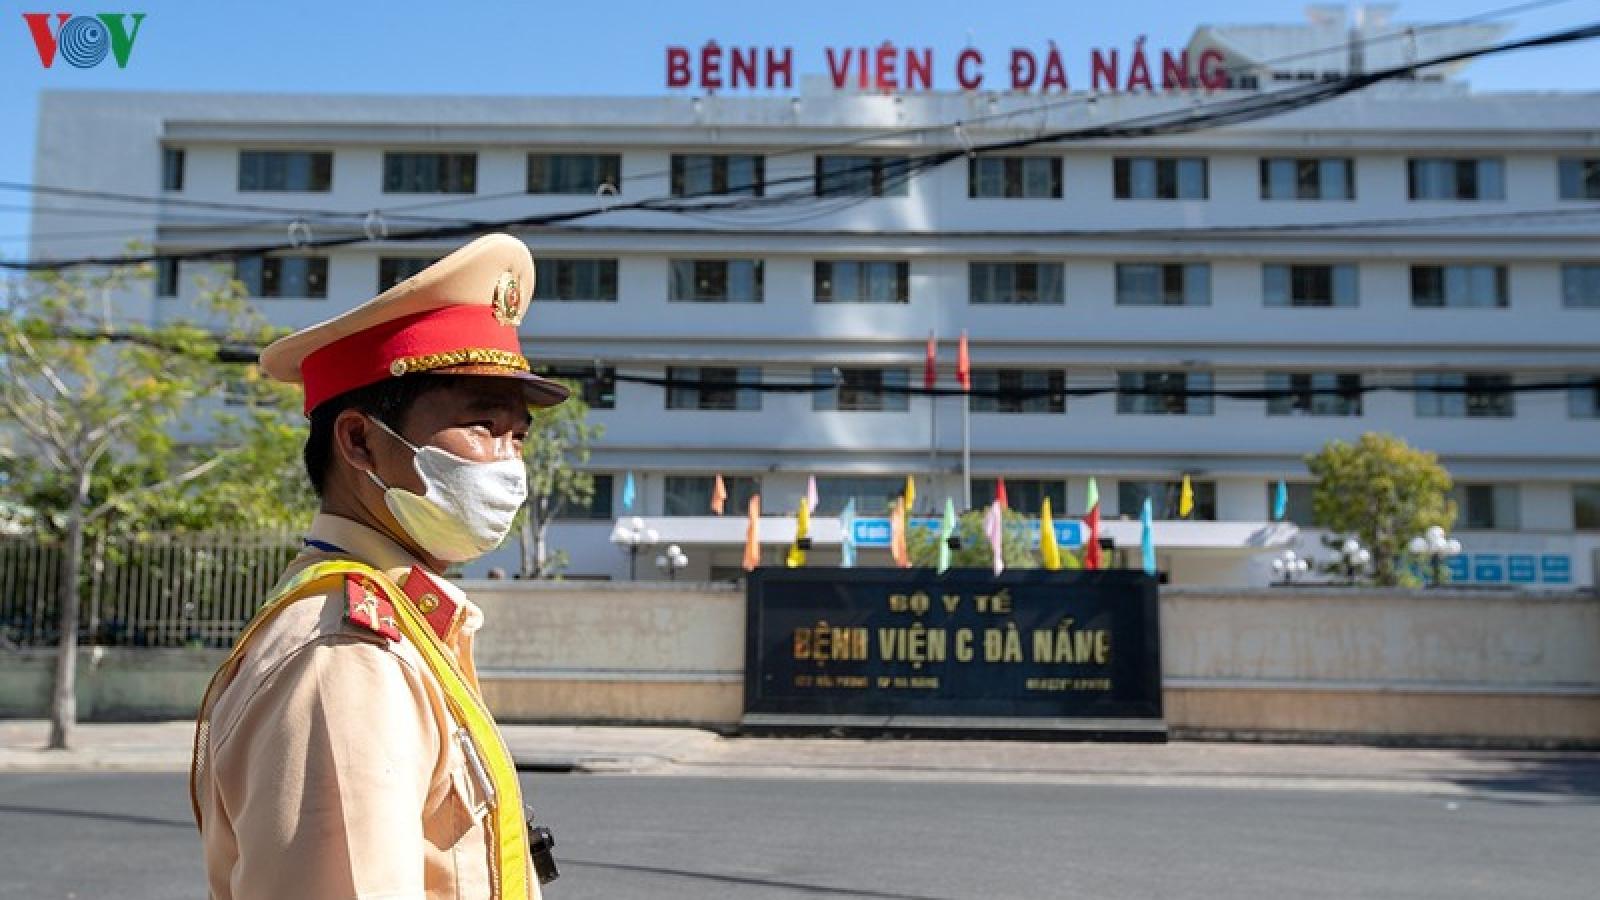 Phần lớn ca mắc Covid-19 mới có liên quan đến Bệnh viện Đà Nẵng